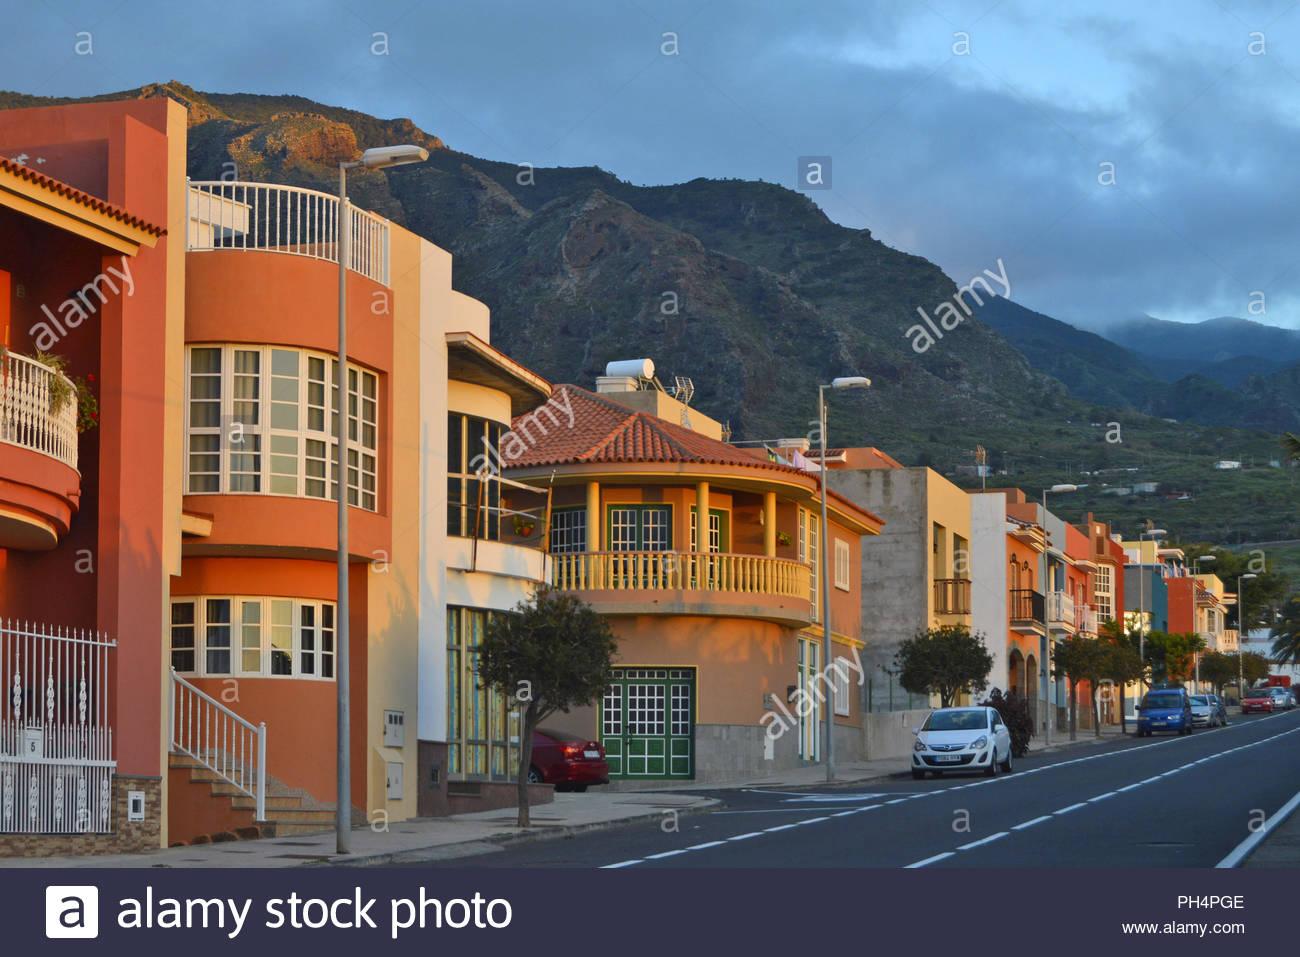 Wohnstraße mit bunten Häusern in den Ausläufern des Teno Gebirge, Buenavista del Norte im Nordwesten von Teneriffa Kanarische Inseln Spanien. Stockfoto